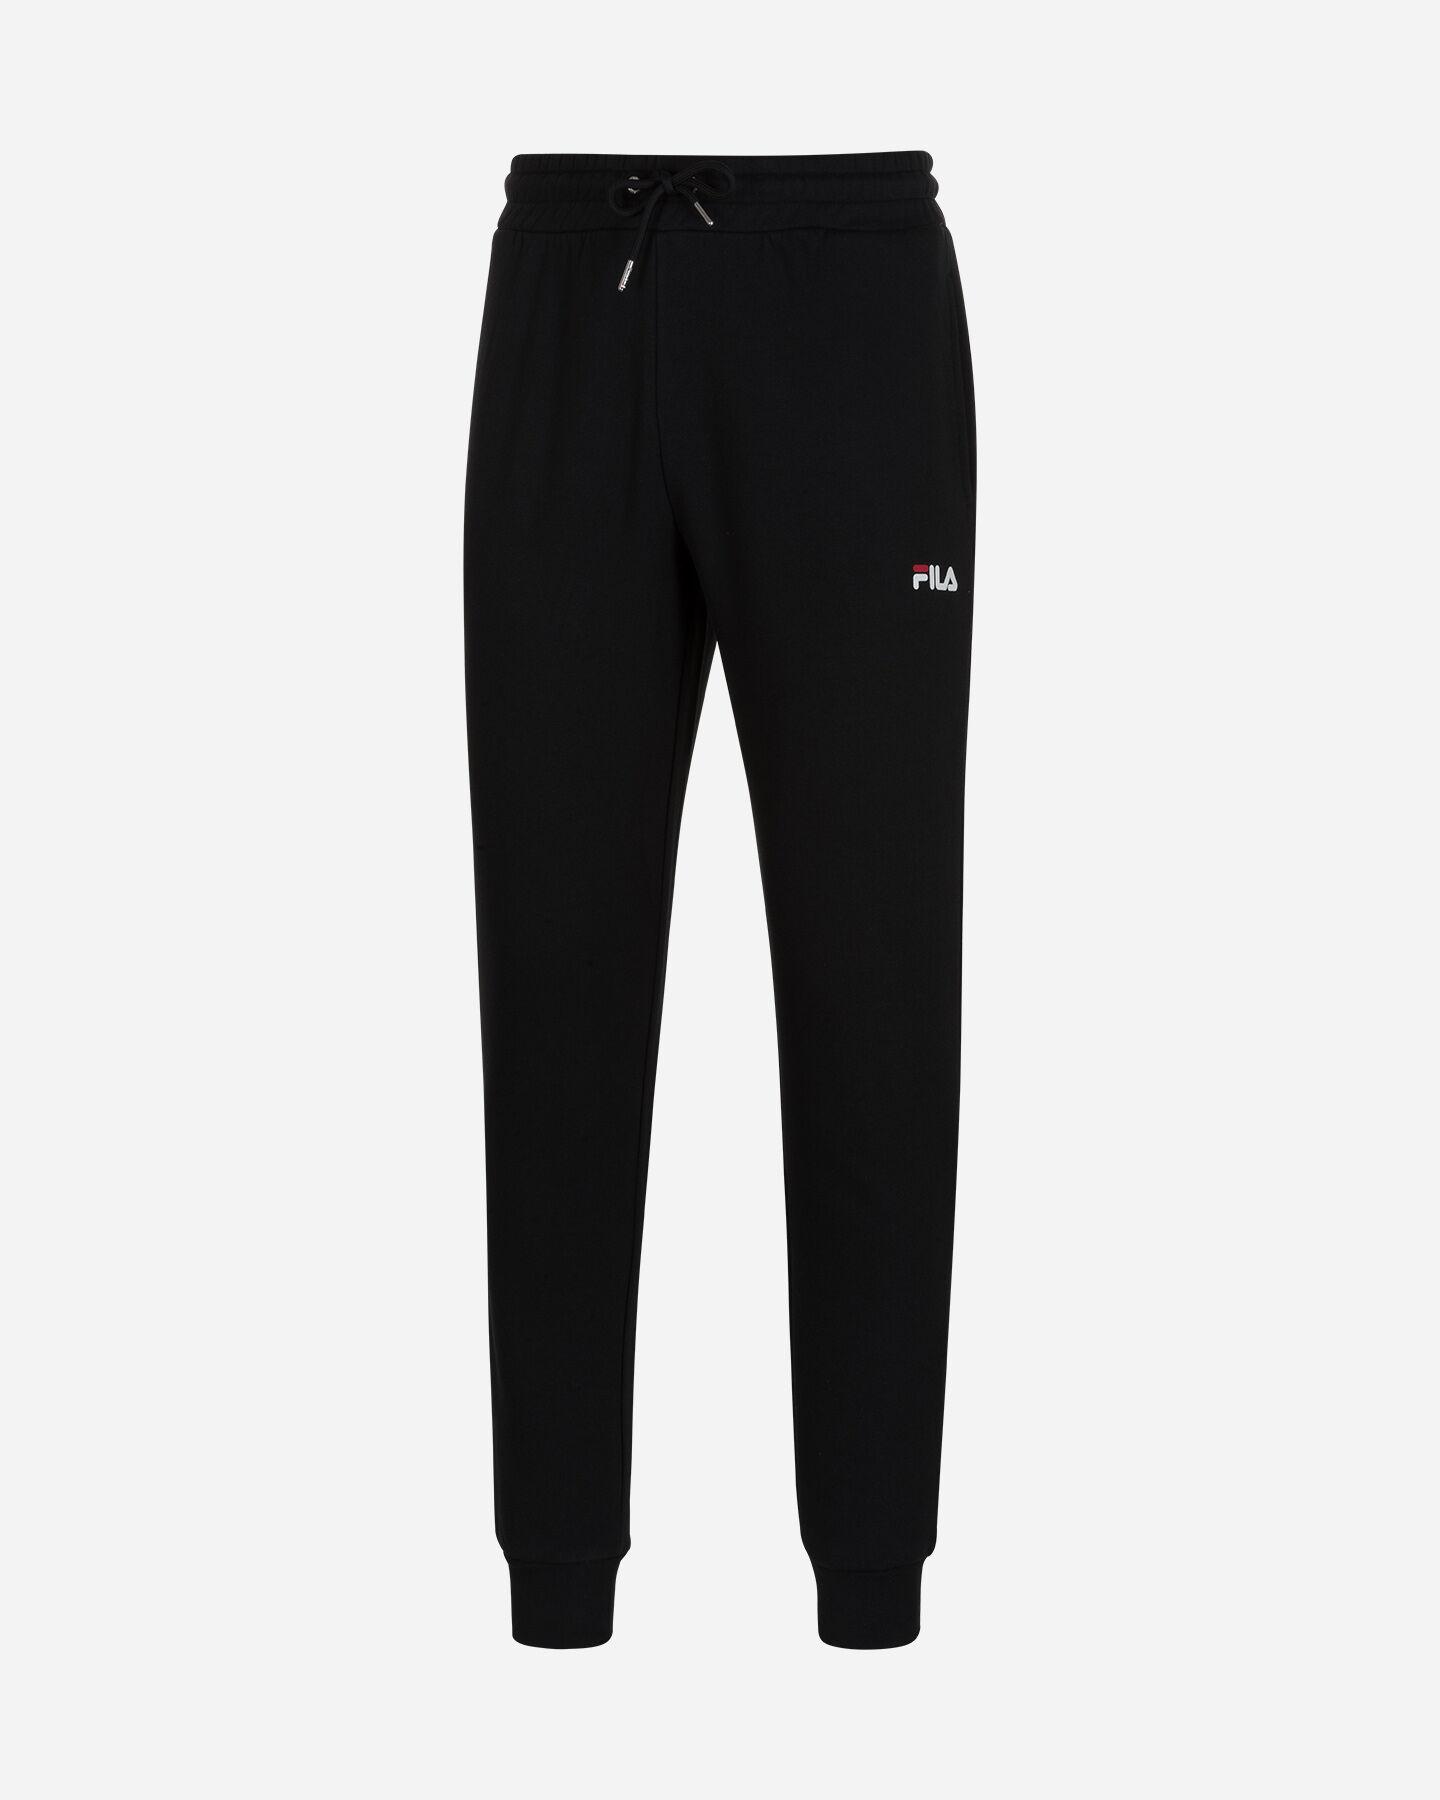 Pantalone FILA CLASSIC M S4080482 scatto 4